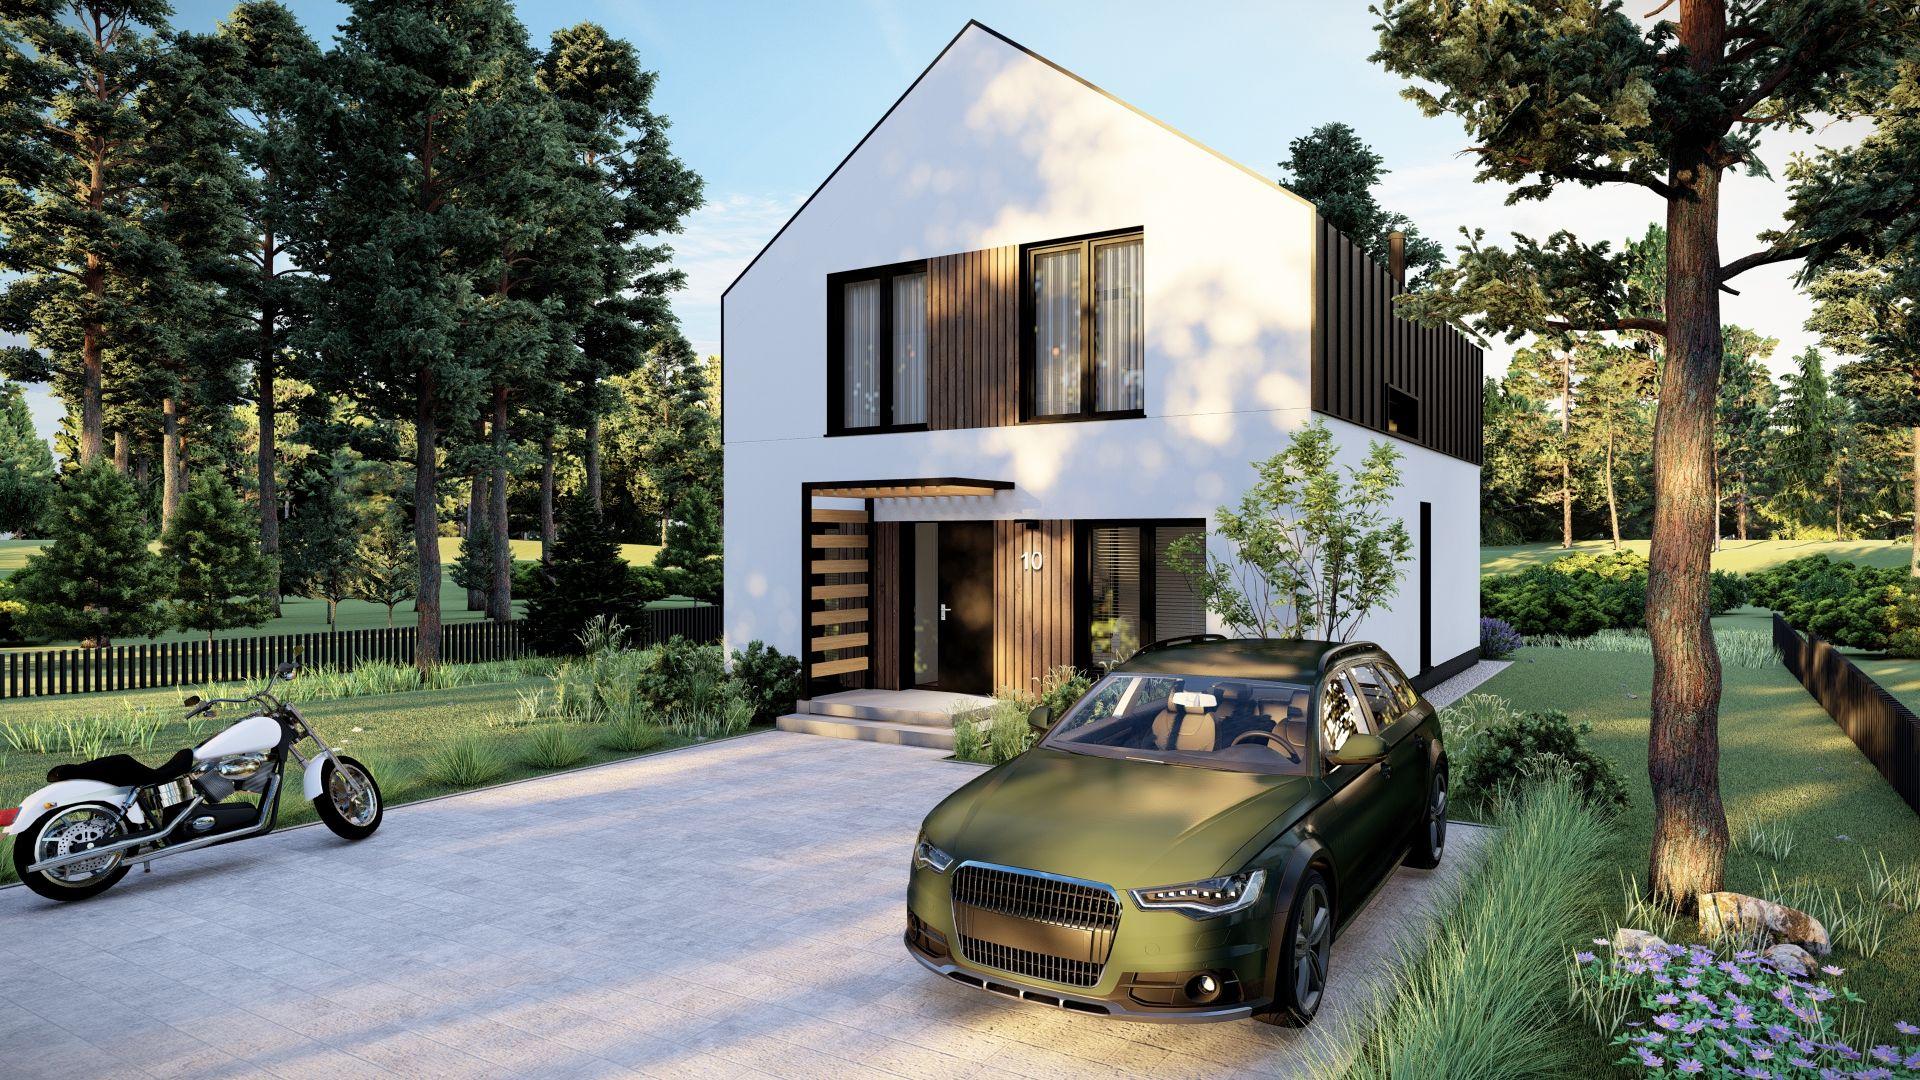 Energooszczędność jest jedną z istotnych cech domów stalowych. Ich konstrukcja musi mieć dwuwarstwową izolację termiczną. Fot. Stalovers